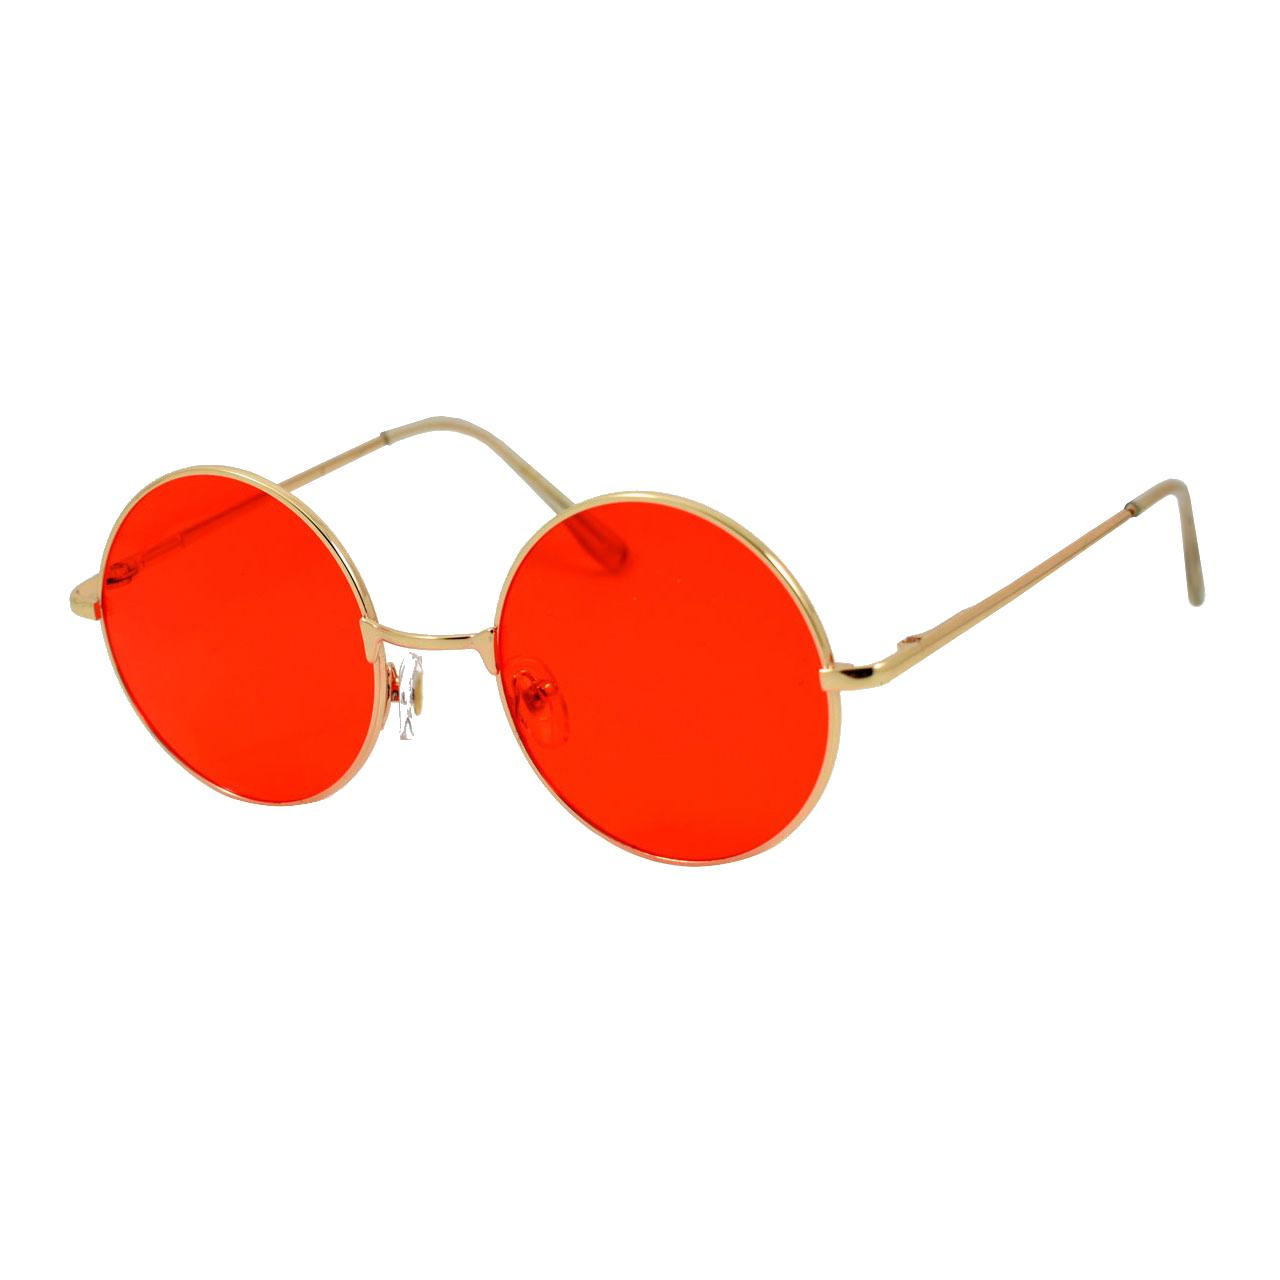 قیمت عینک آفتابی مدل Round Metal Red